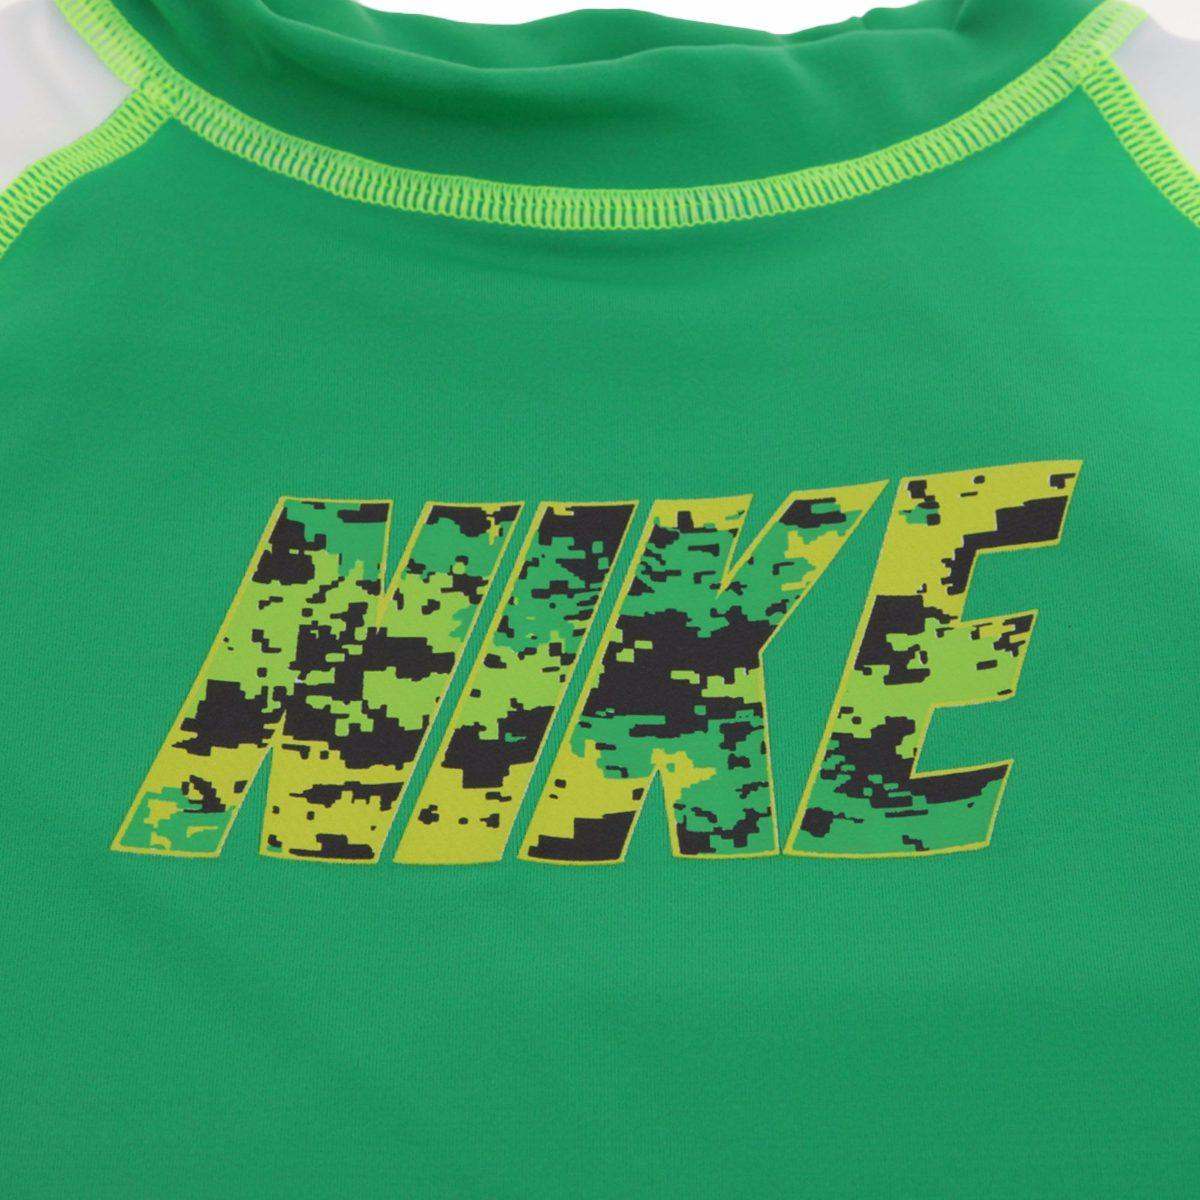 Baño Para Ninos Con Tos:Playera Traje De Baño Niño Nike Con Filtro Solar Uv 6/8 Años – $